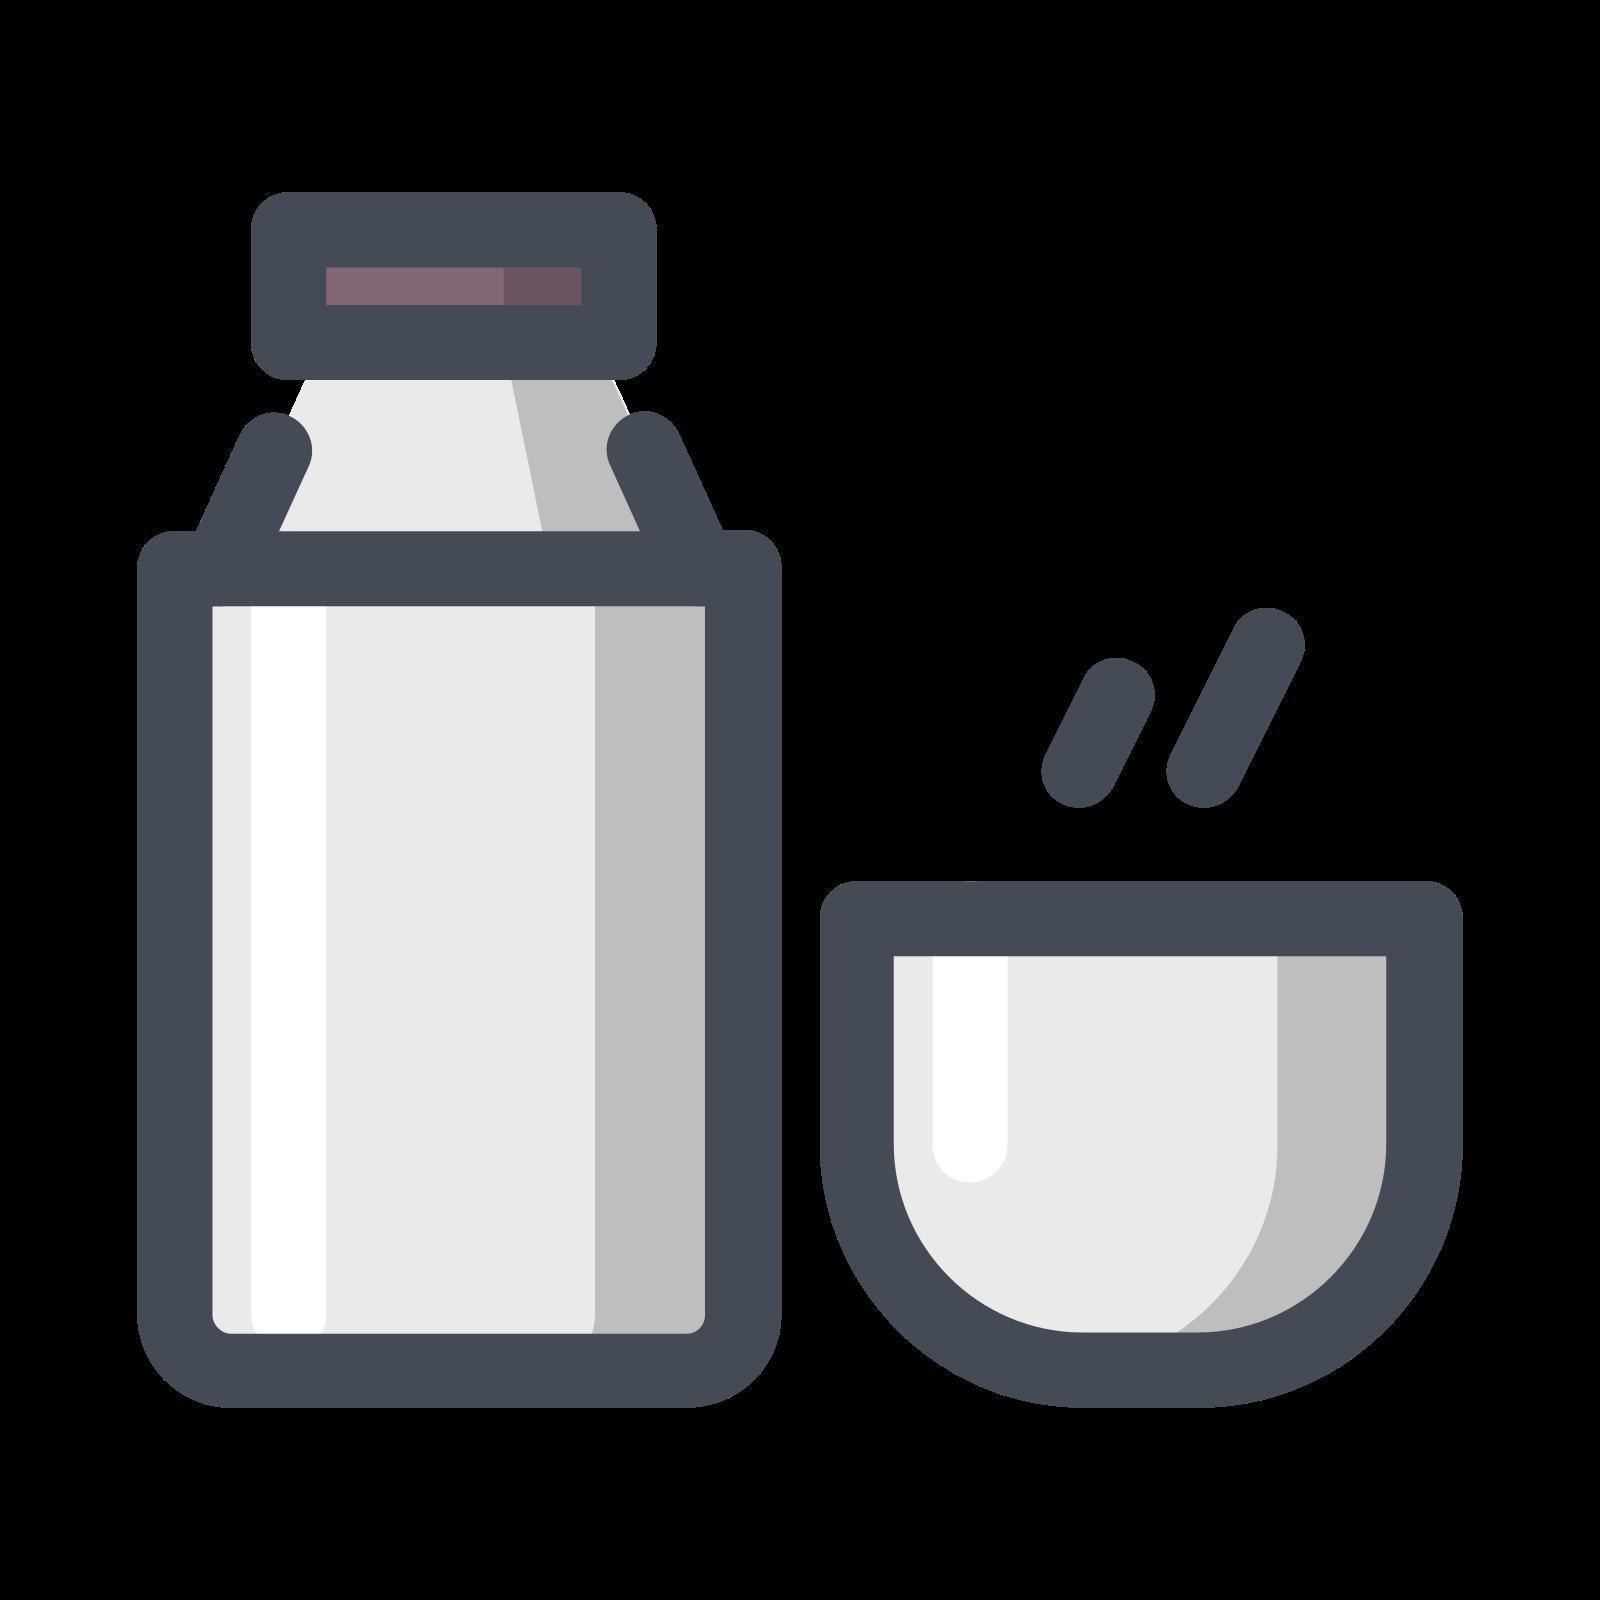 Thermos icon